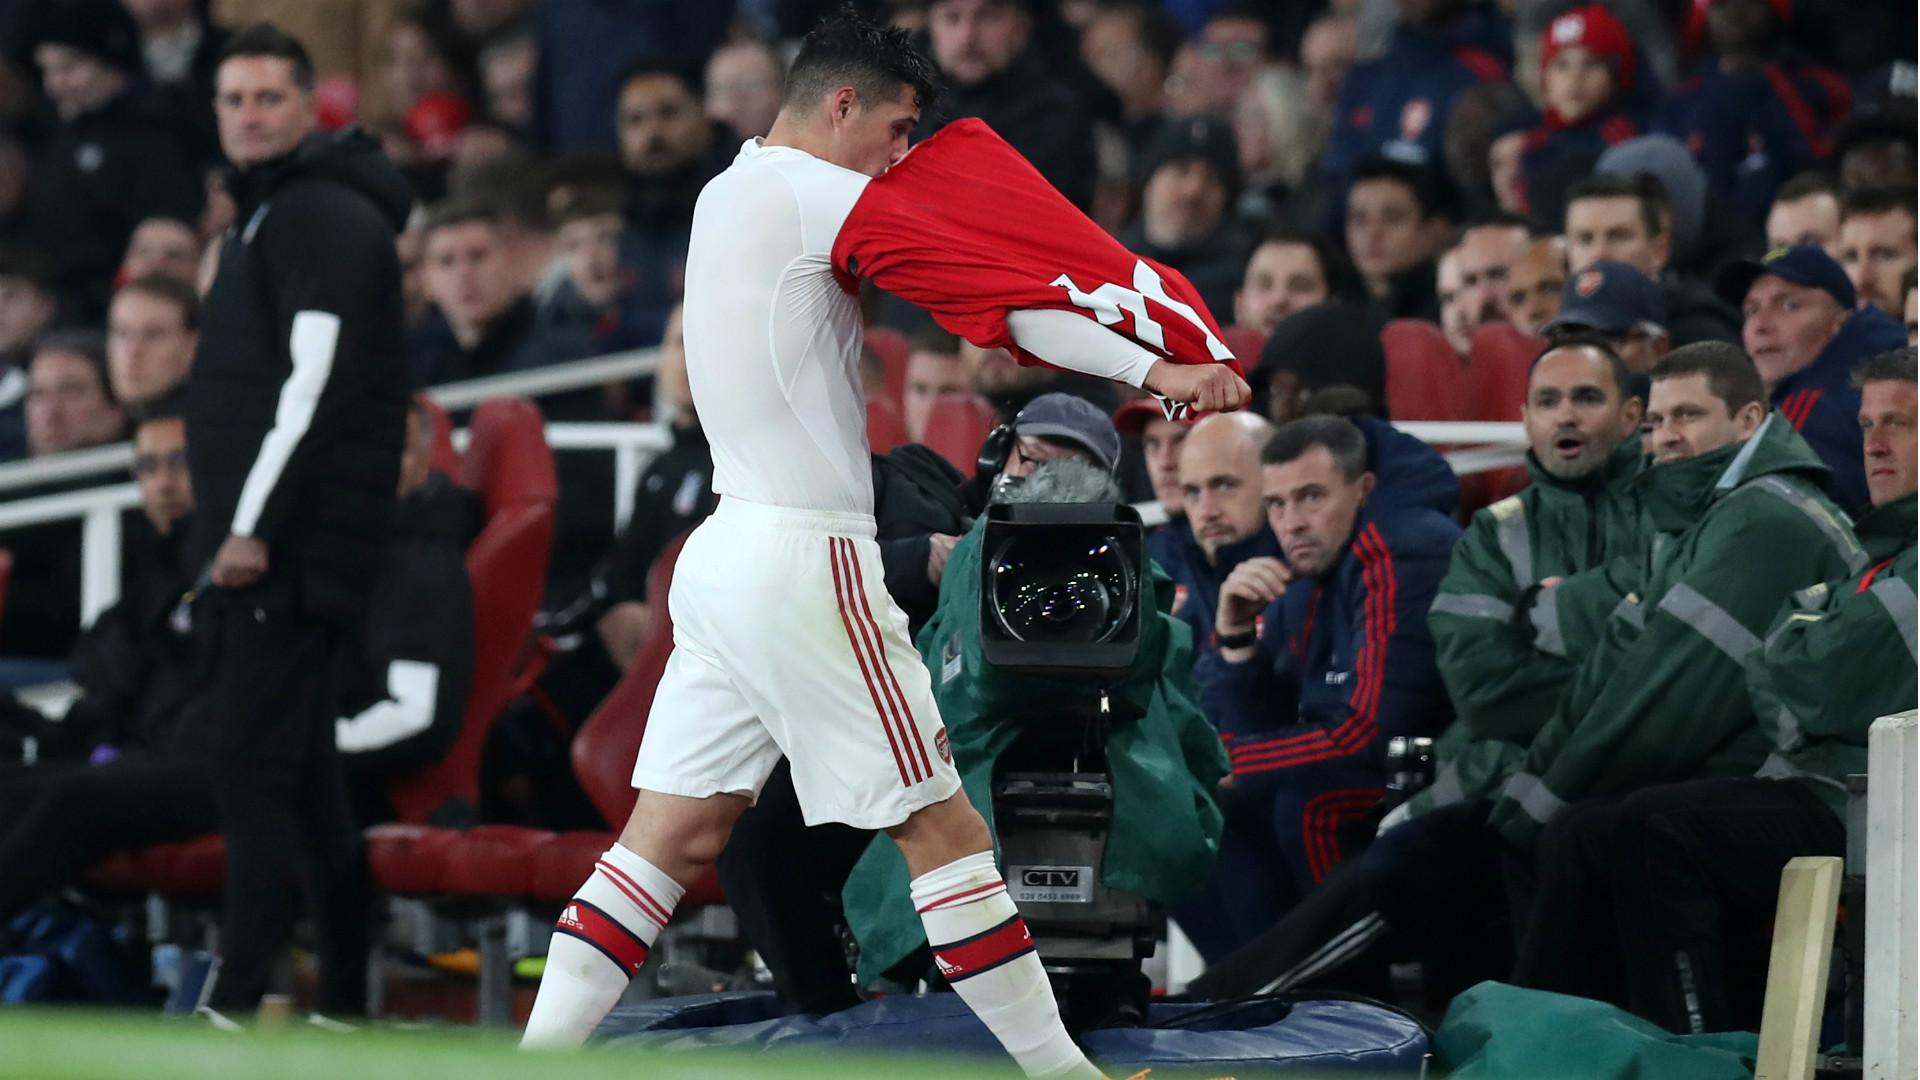 Un joueur d'Arsenal craque et insulte son propre public